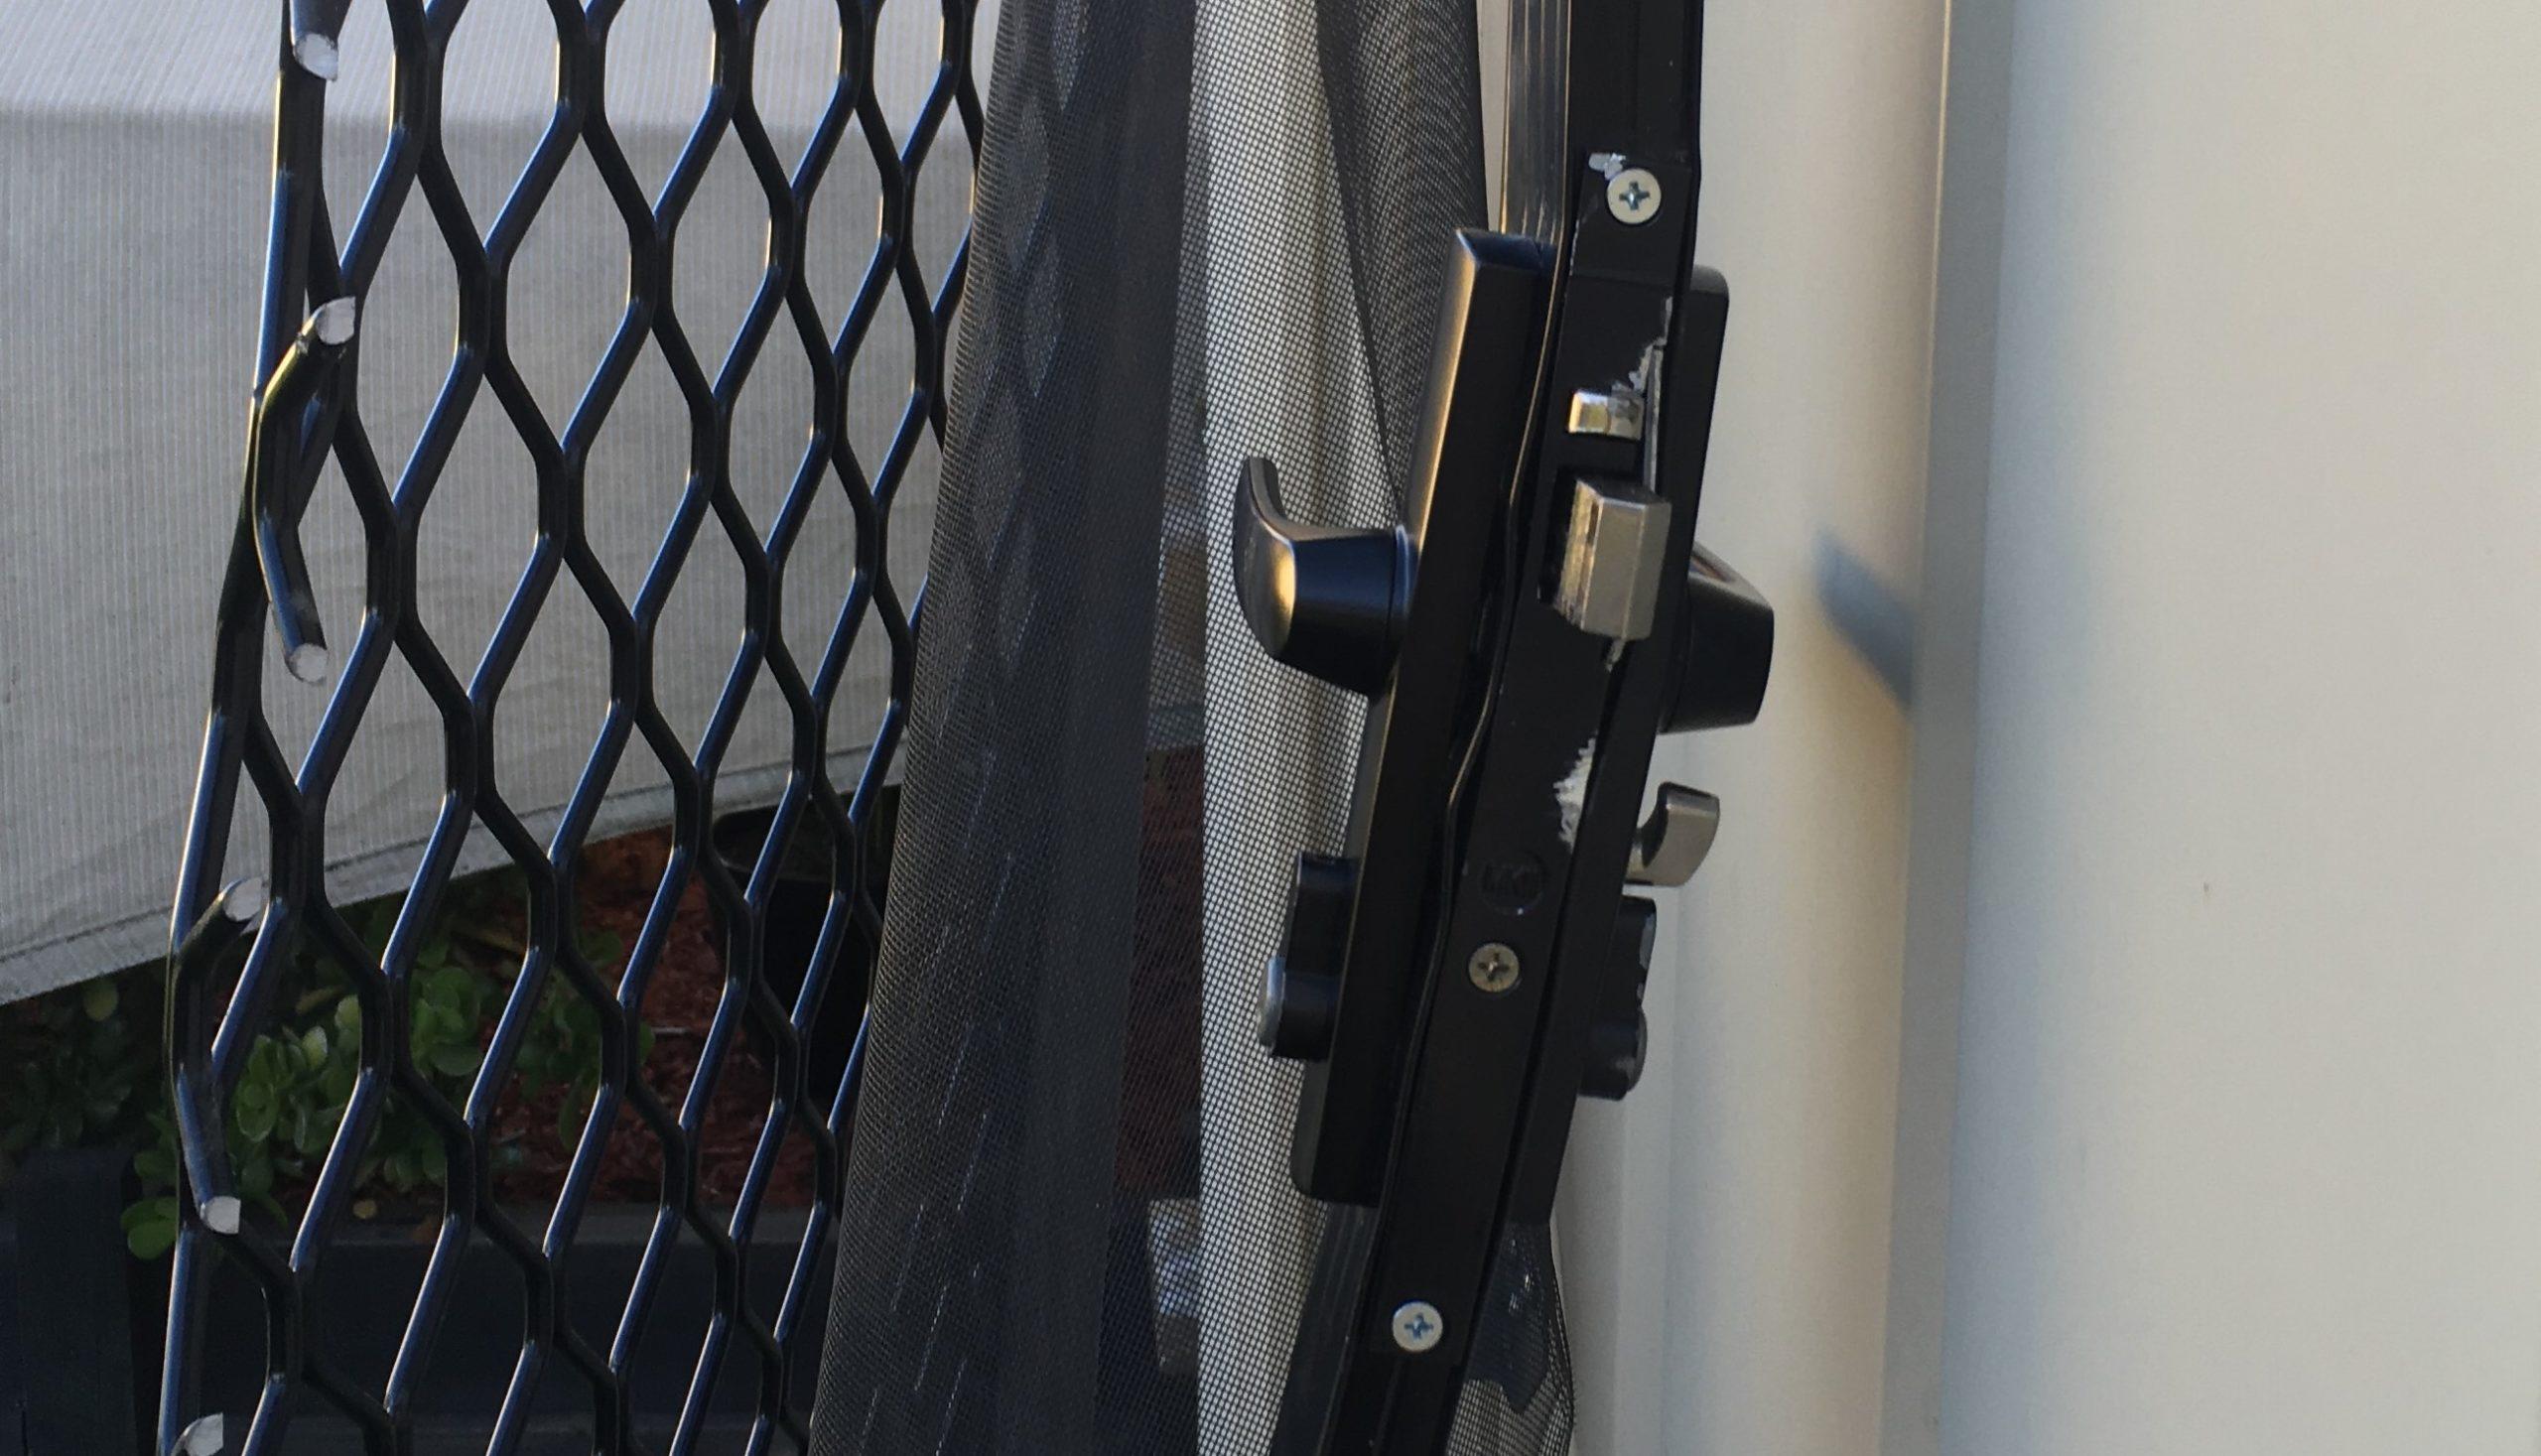 single lock broken